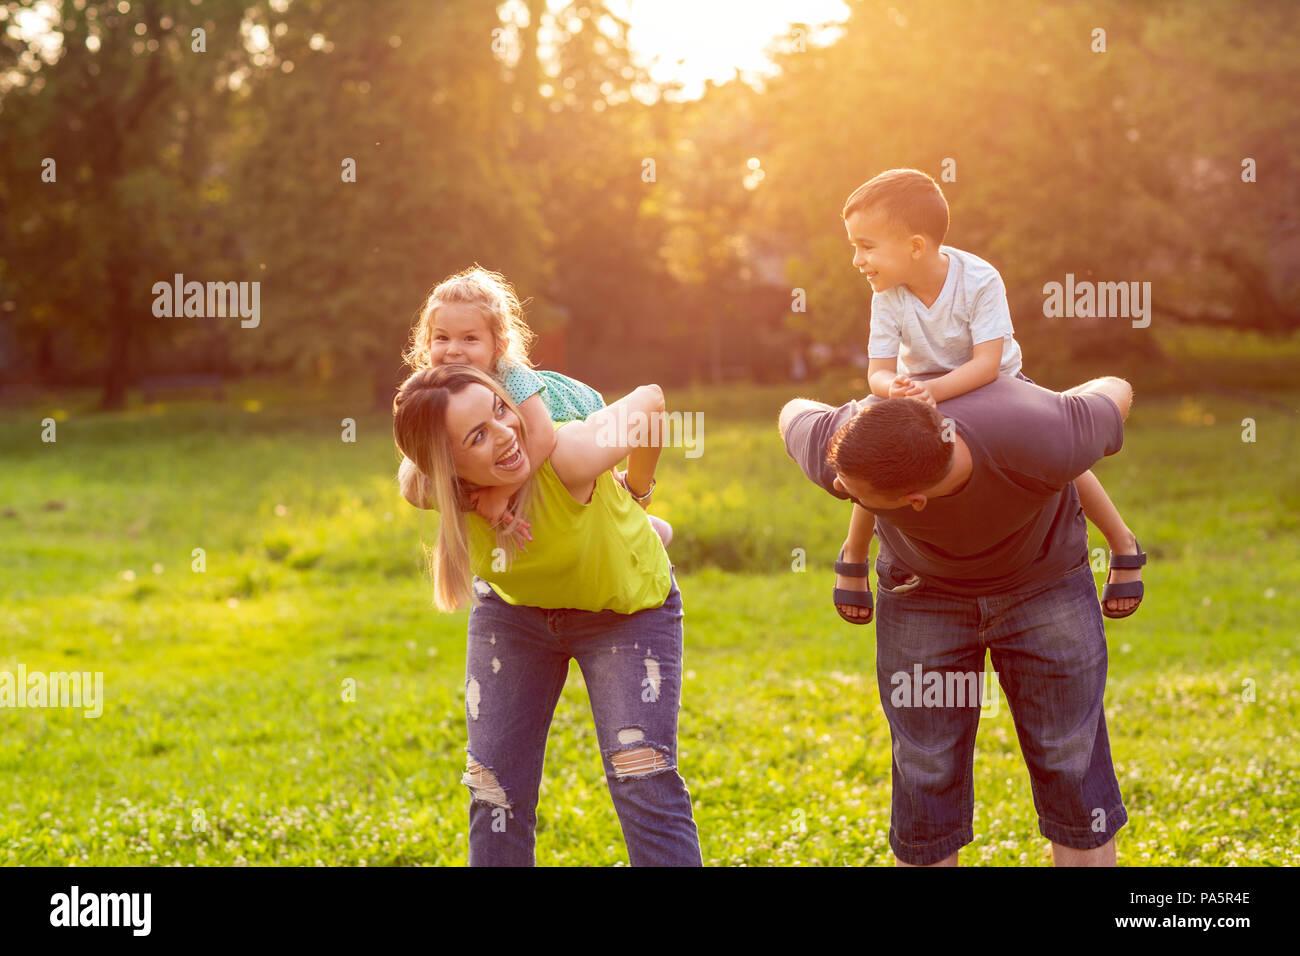 Família, felicidade, infância e pessoas conceito - Feliz pais piggyback dando carona para crianças Imagens de Stock